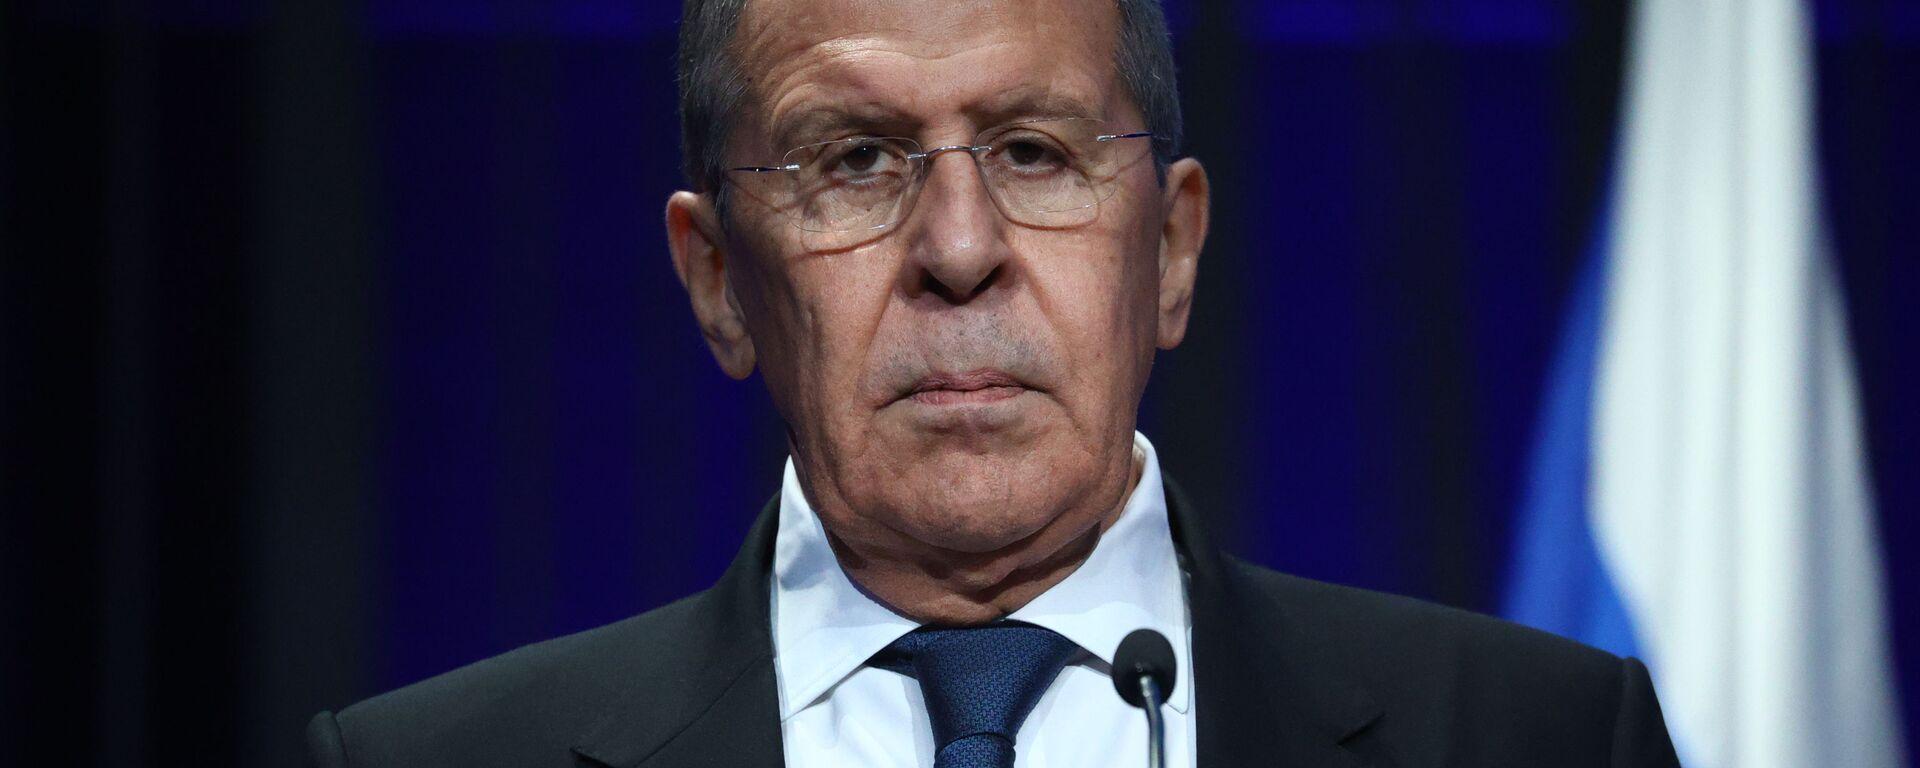 Ministar spoljnih poslova Rusije Sergej Lavrov - Sputnik Srbija, 1920, 01.06.2021